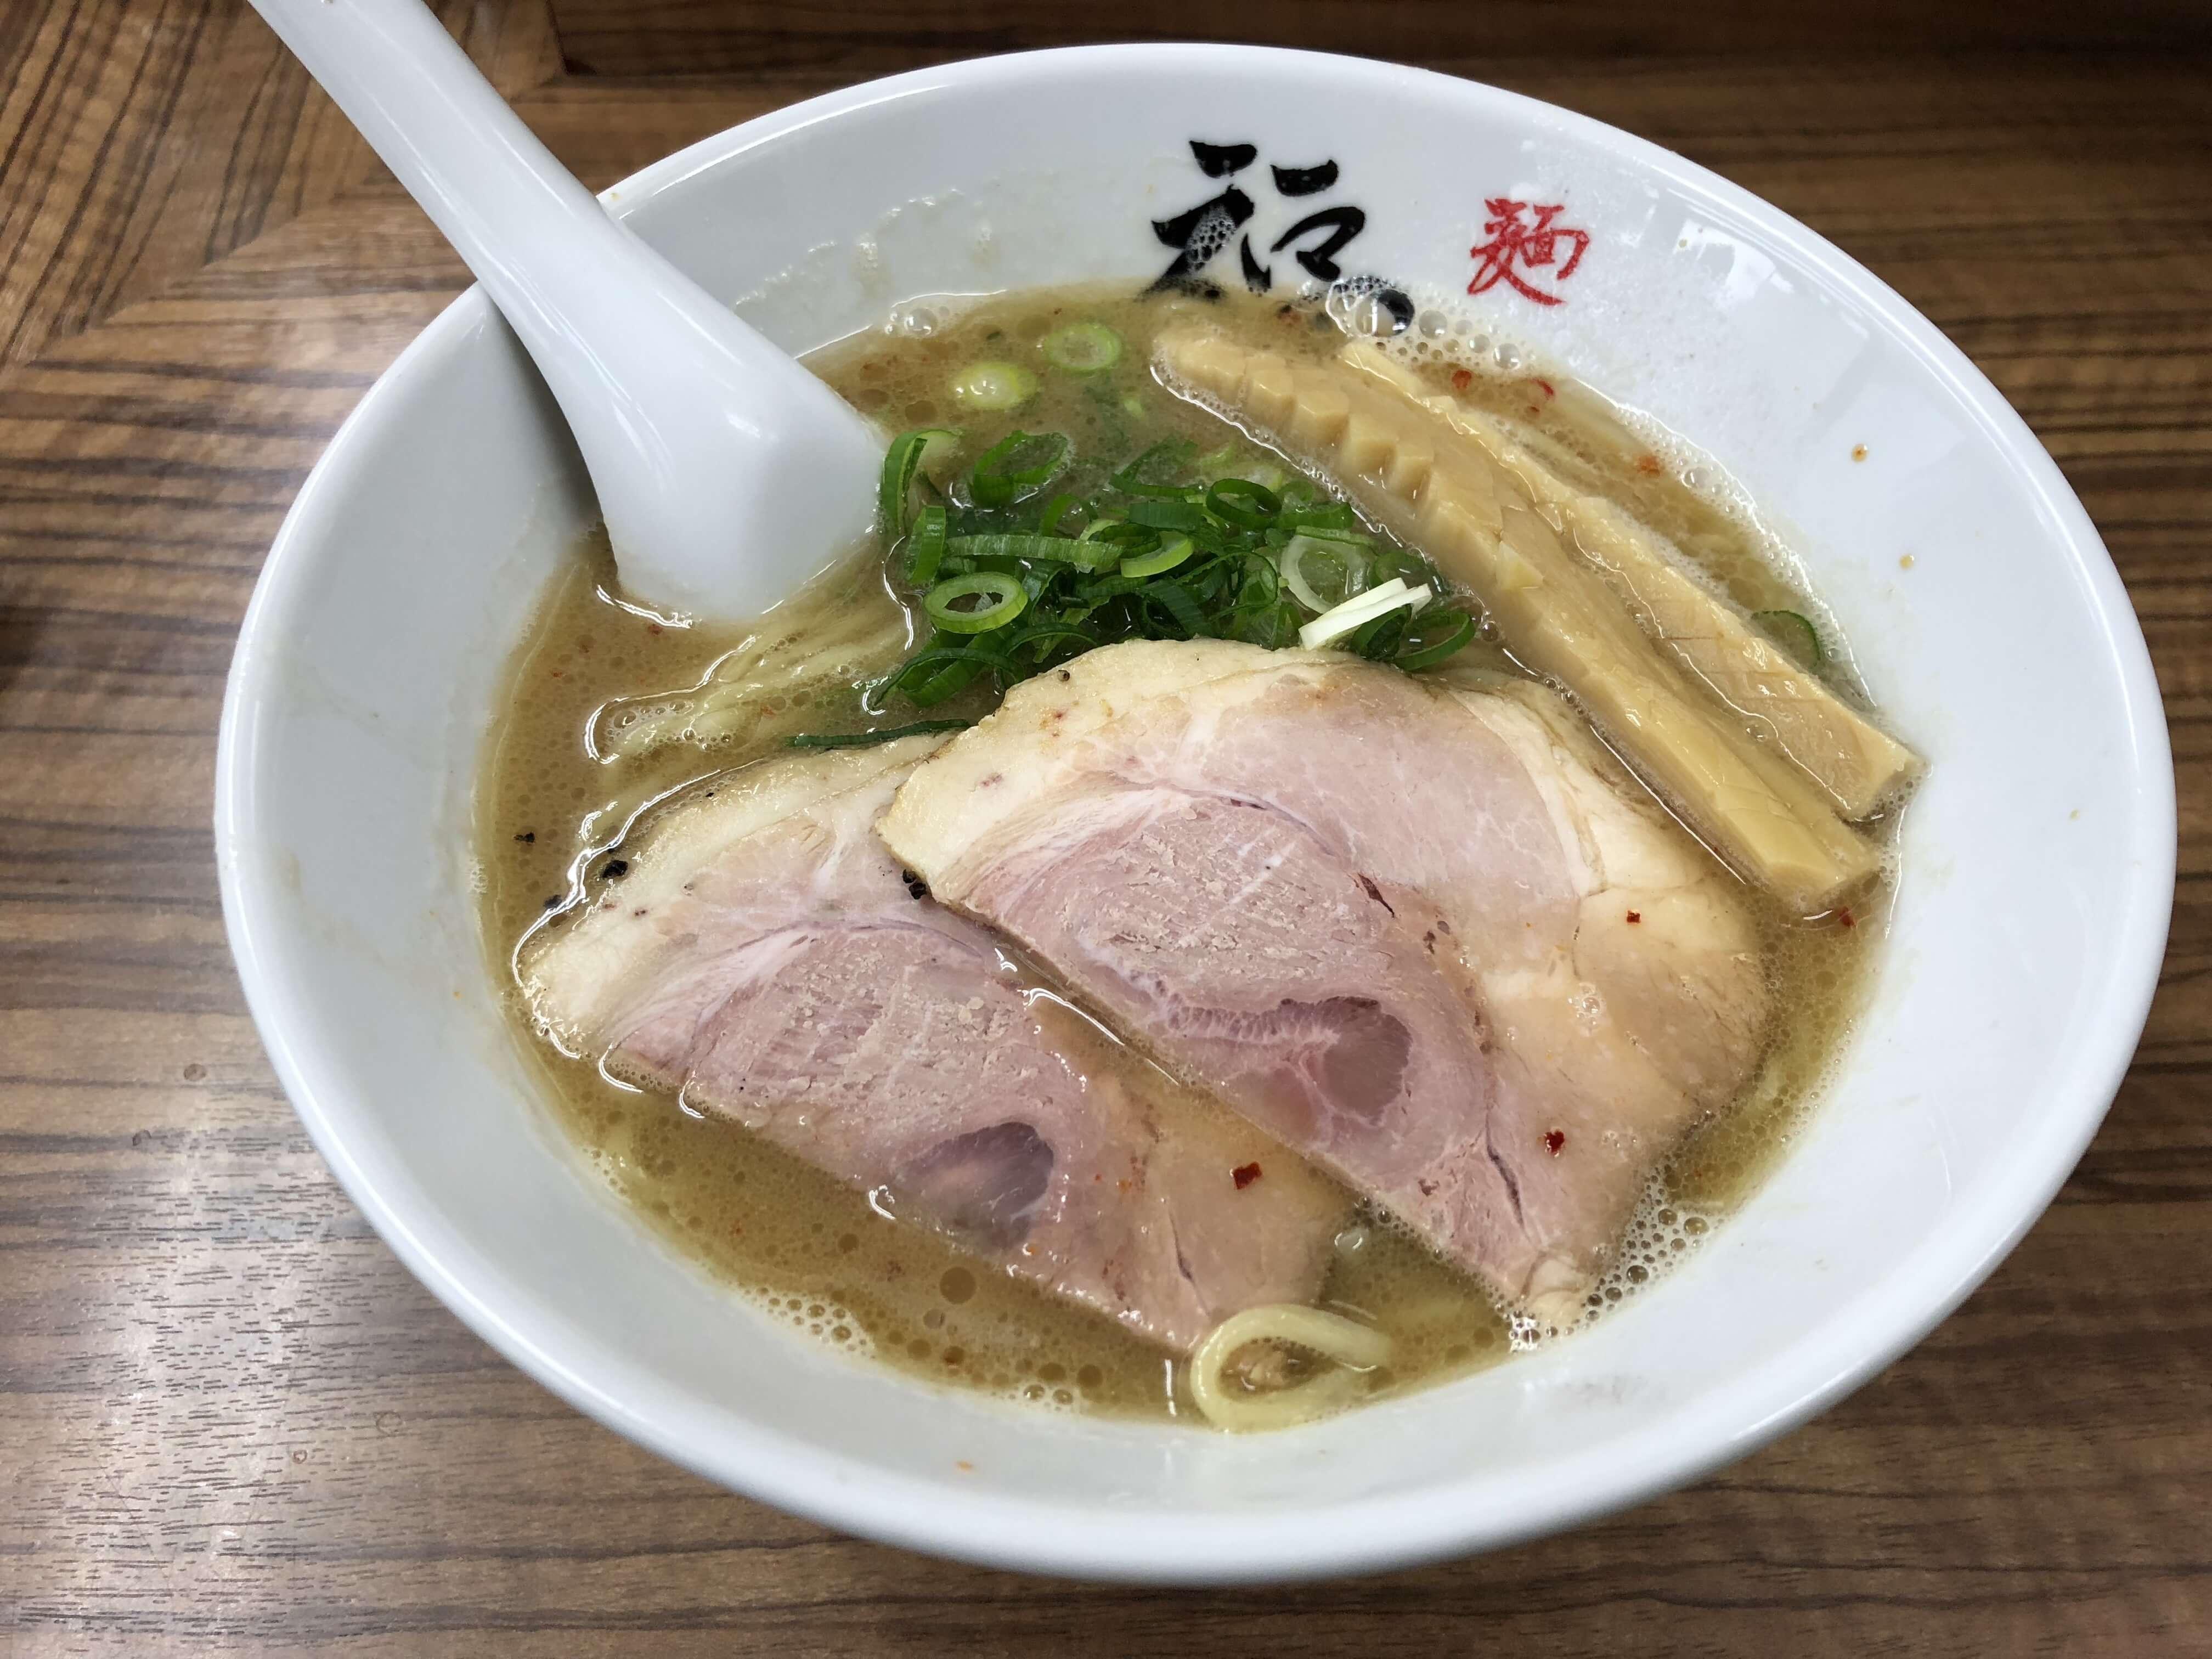 『麺や 福座』で王道「福座ラーメン」。京都と金沢がコラボレーションした味わい深いラーメン